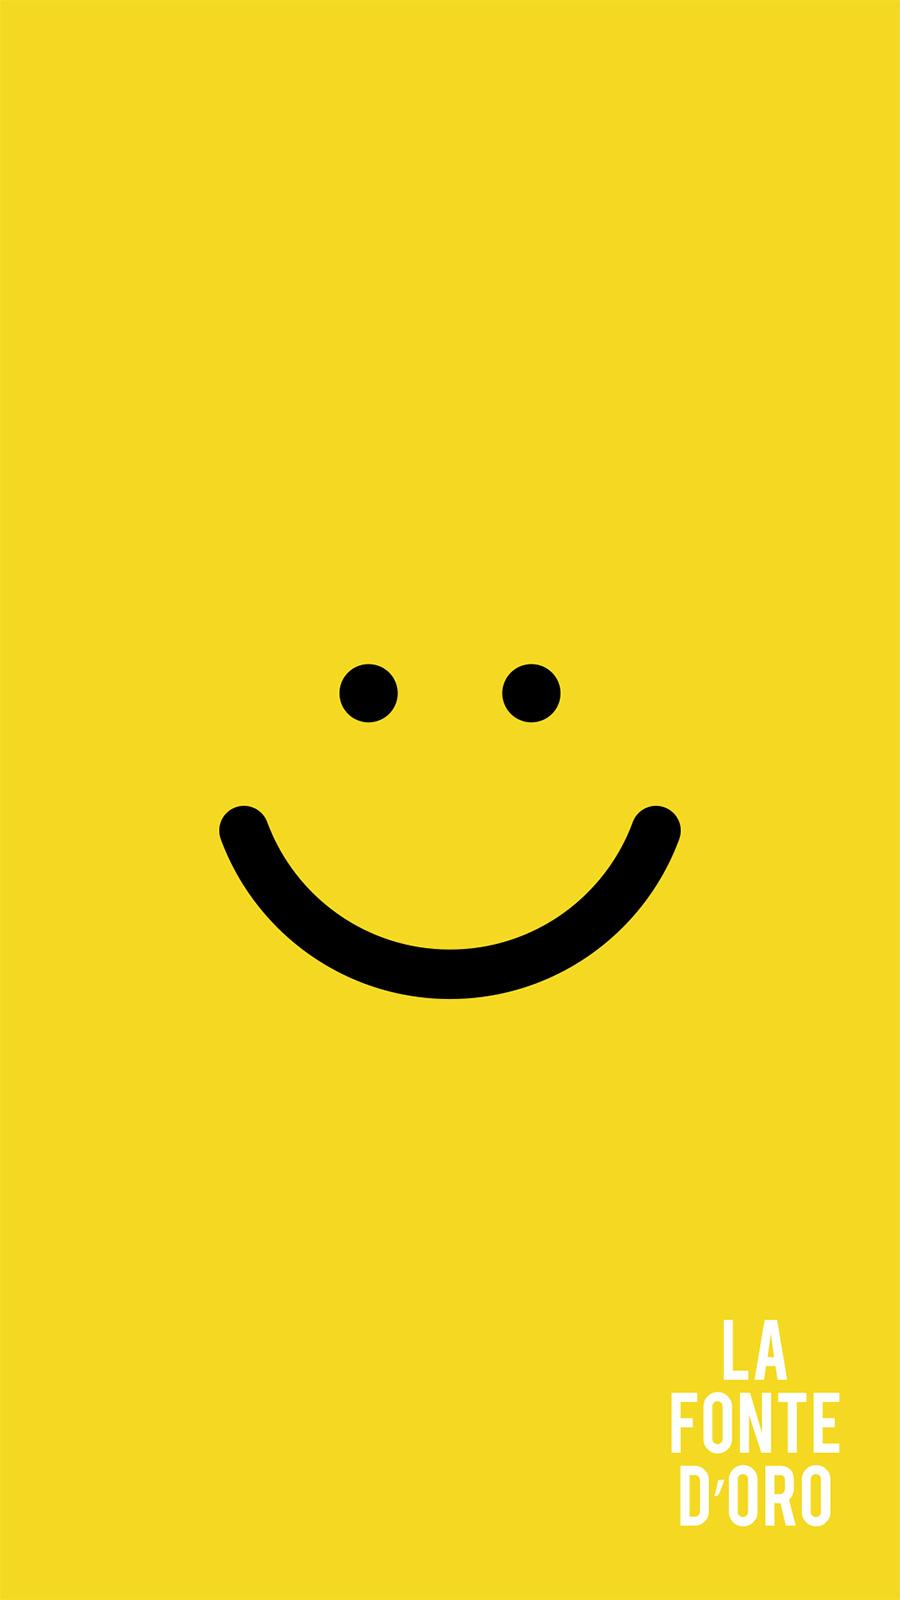 #HappyDay